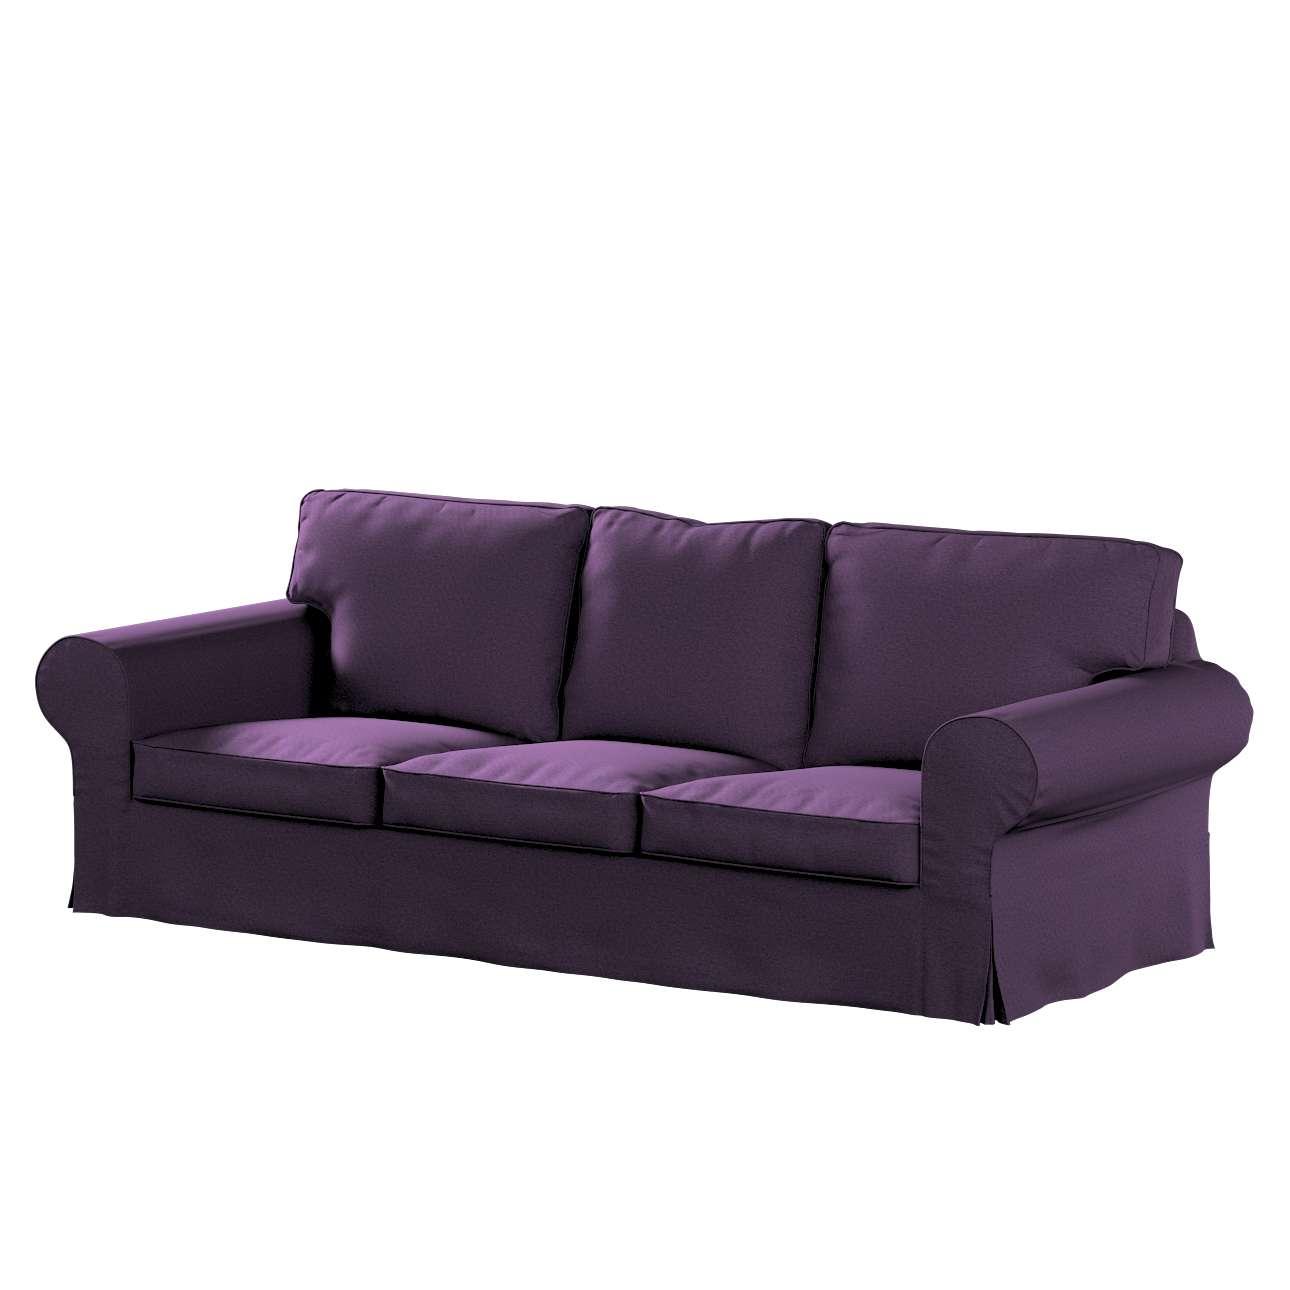 Pokrowiec na sofę Ektorp 3-osobową, rozkładaną w kolekcji Etna, tkanina: 161-27